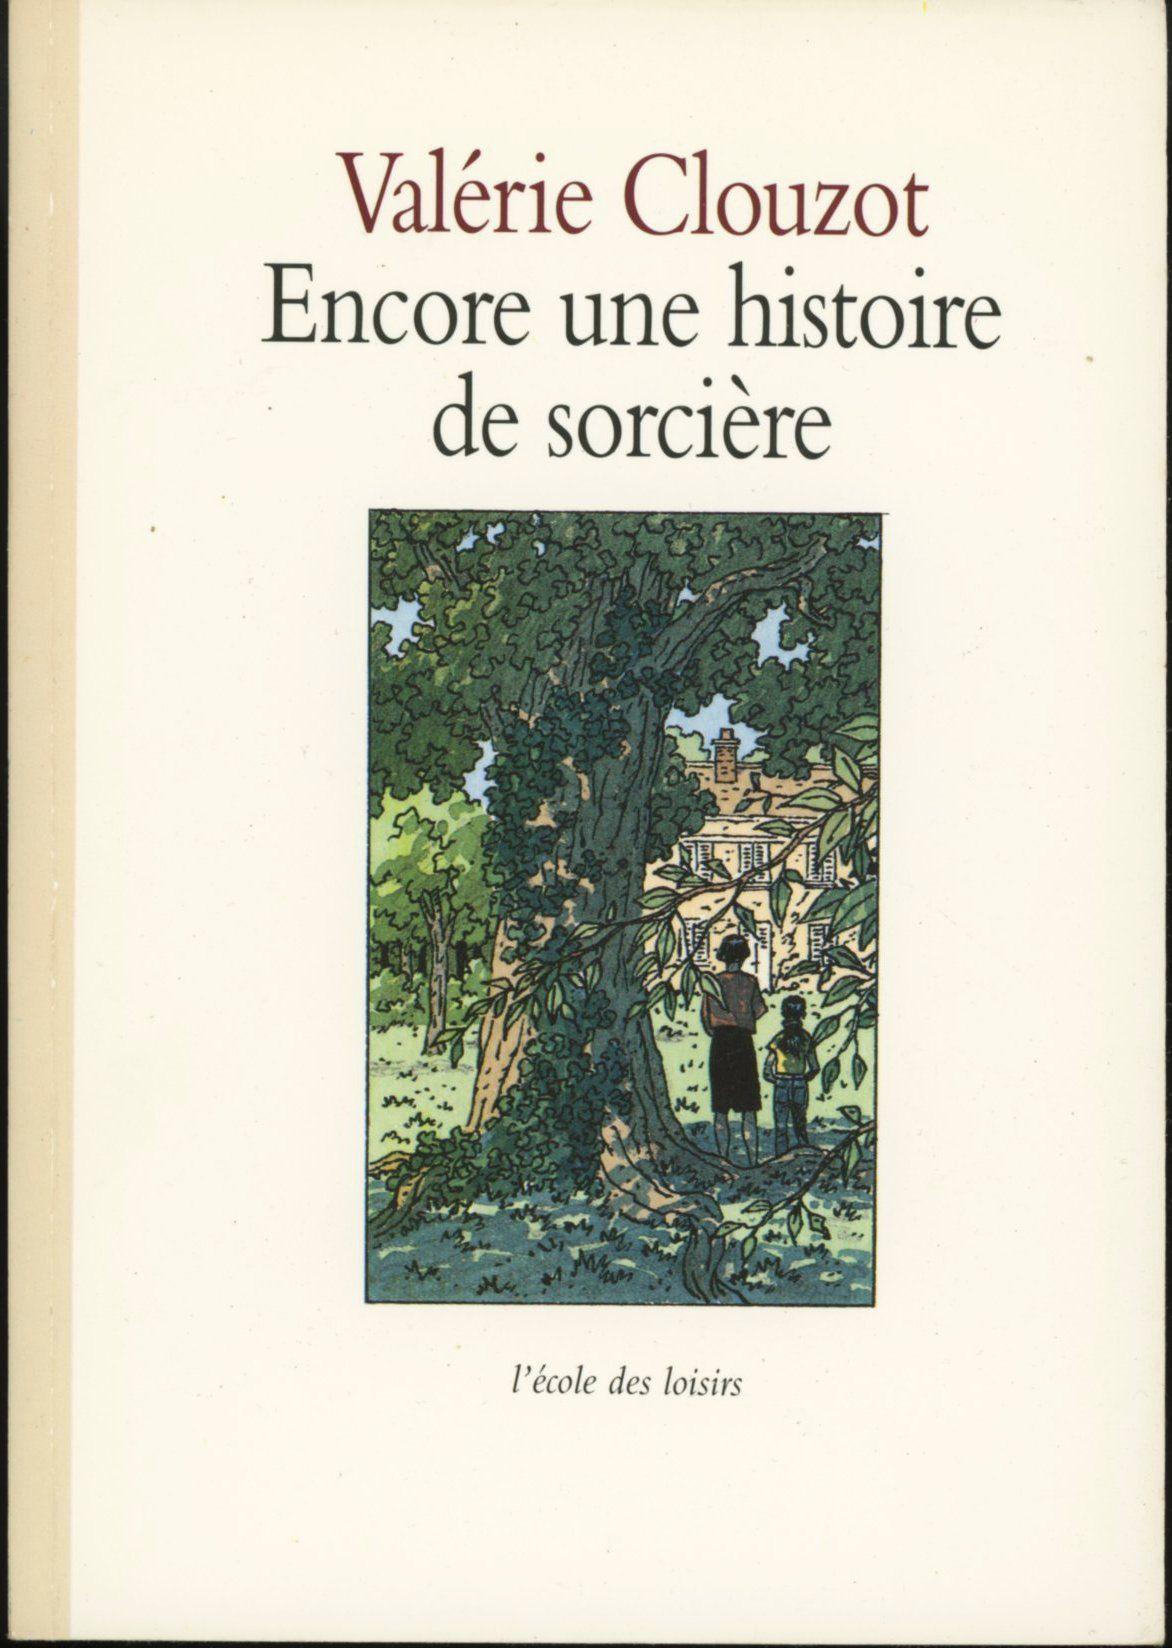 Andre Juillard Valerie Clouzot L Ecole Des Loisirs 1994 Ecole Des Loisirs Histoire De Sorciere Loisirs